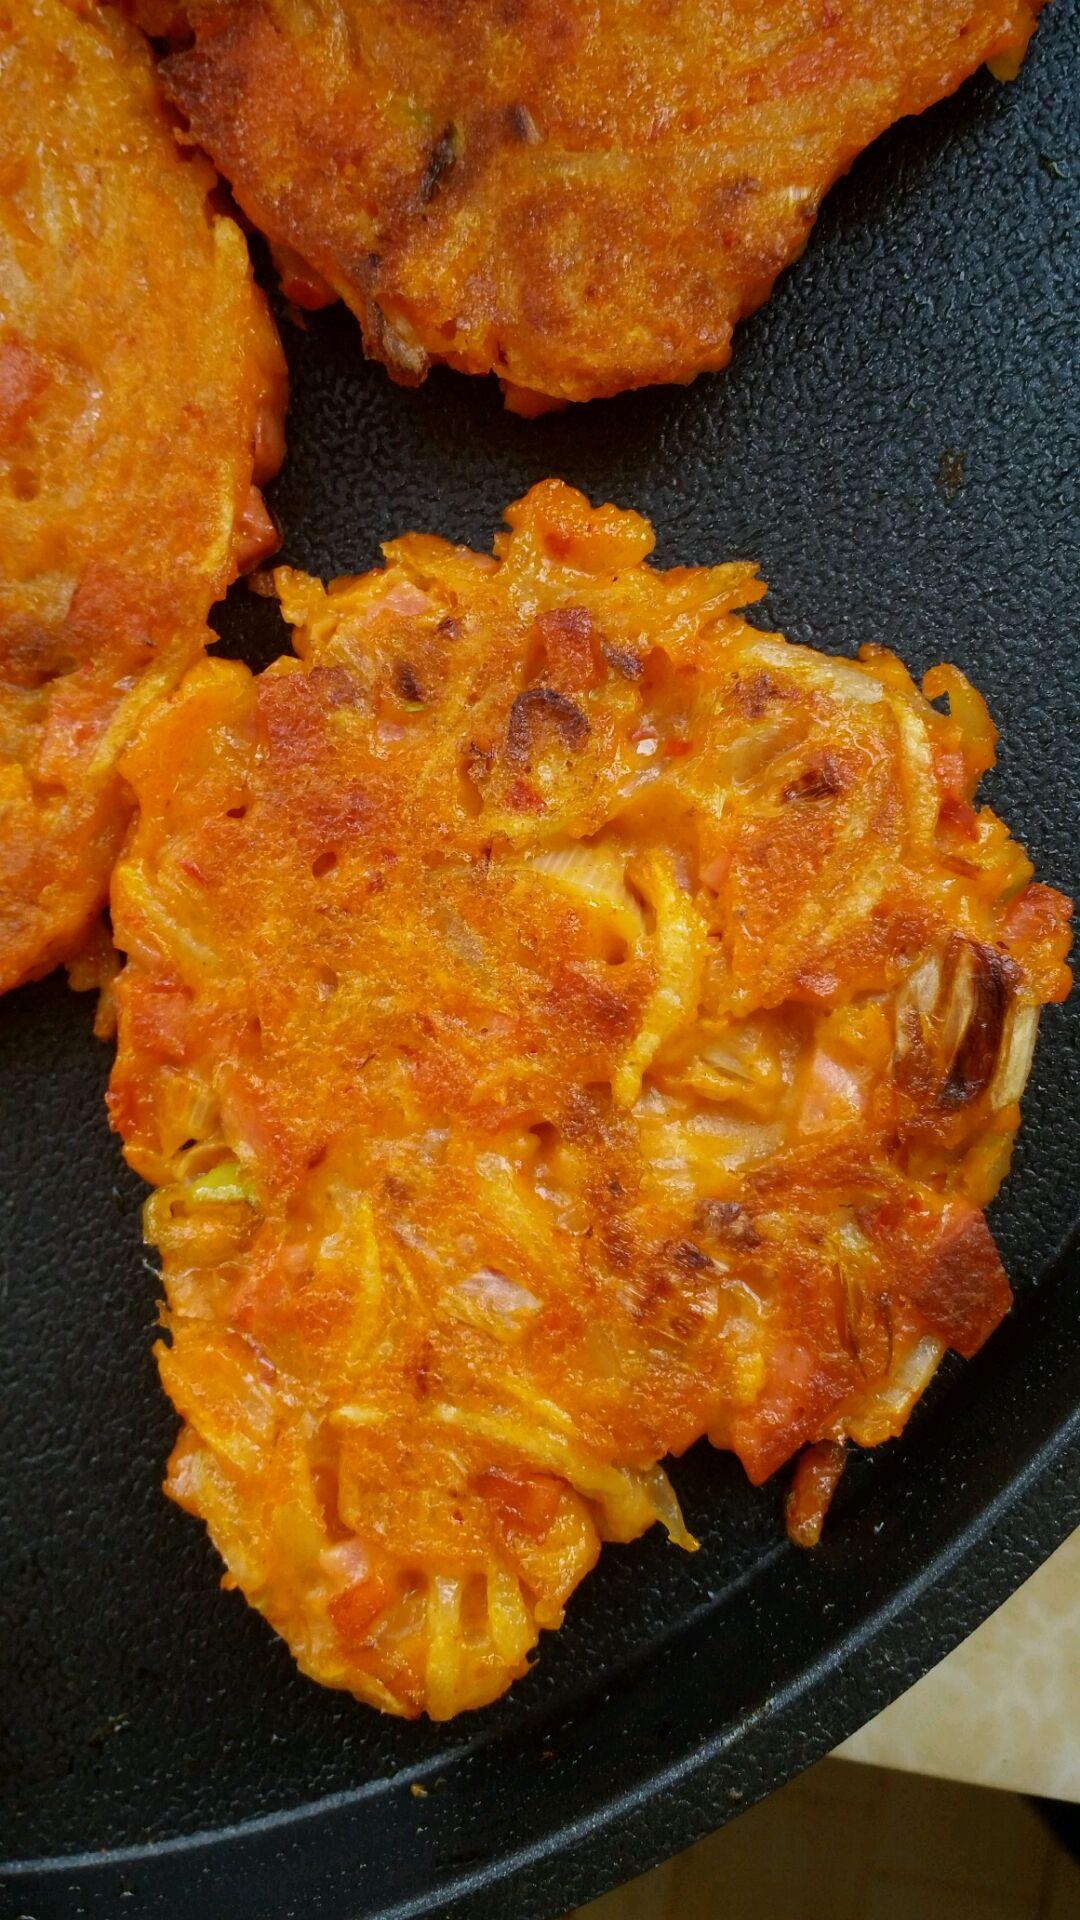 韩国泡菜饼的做法步骤 2. 加入泡菜  咸淡自己掌握  搅拌